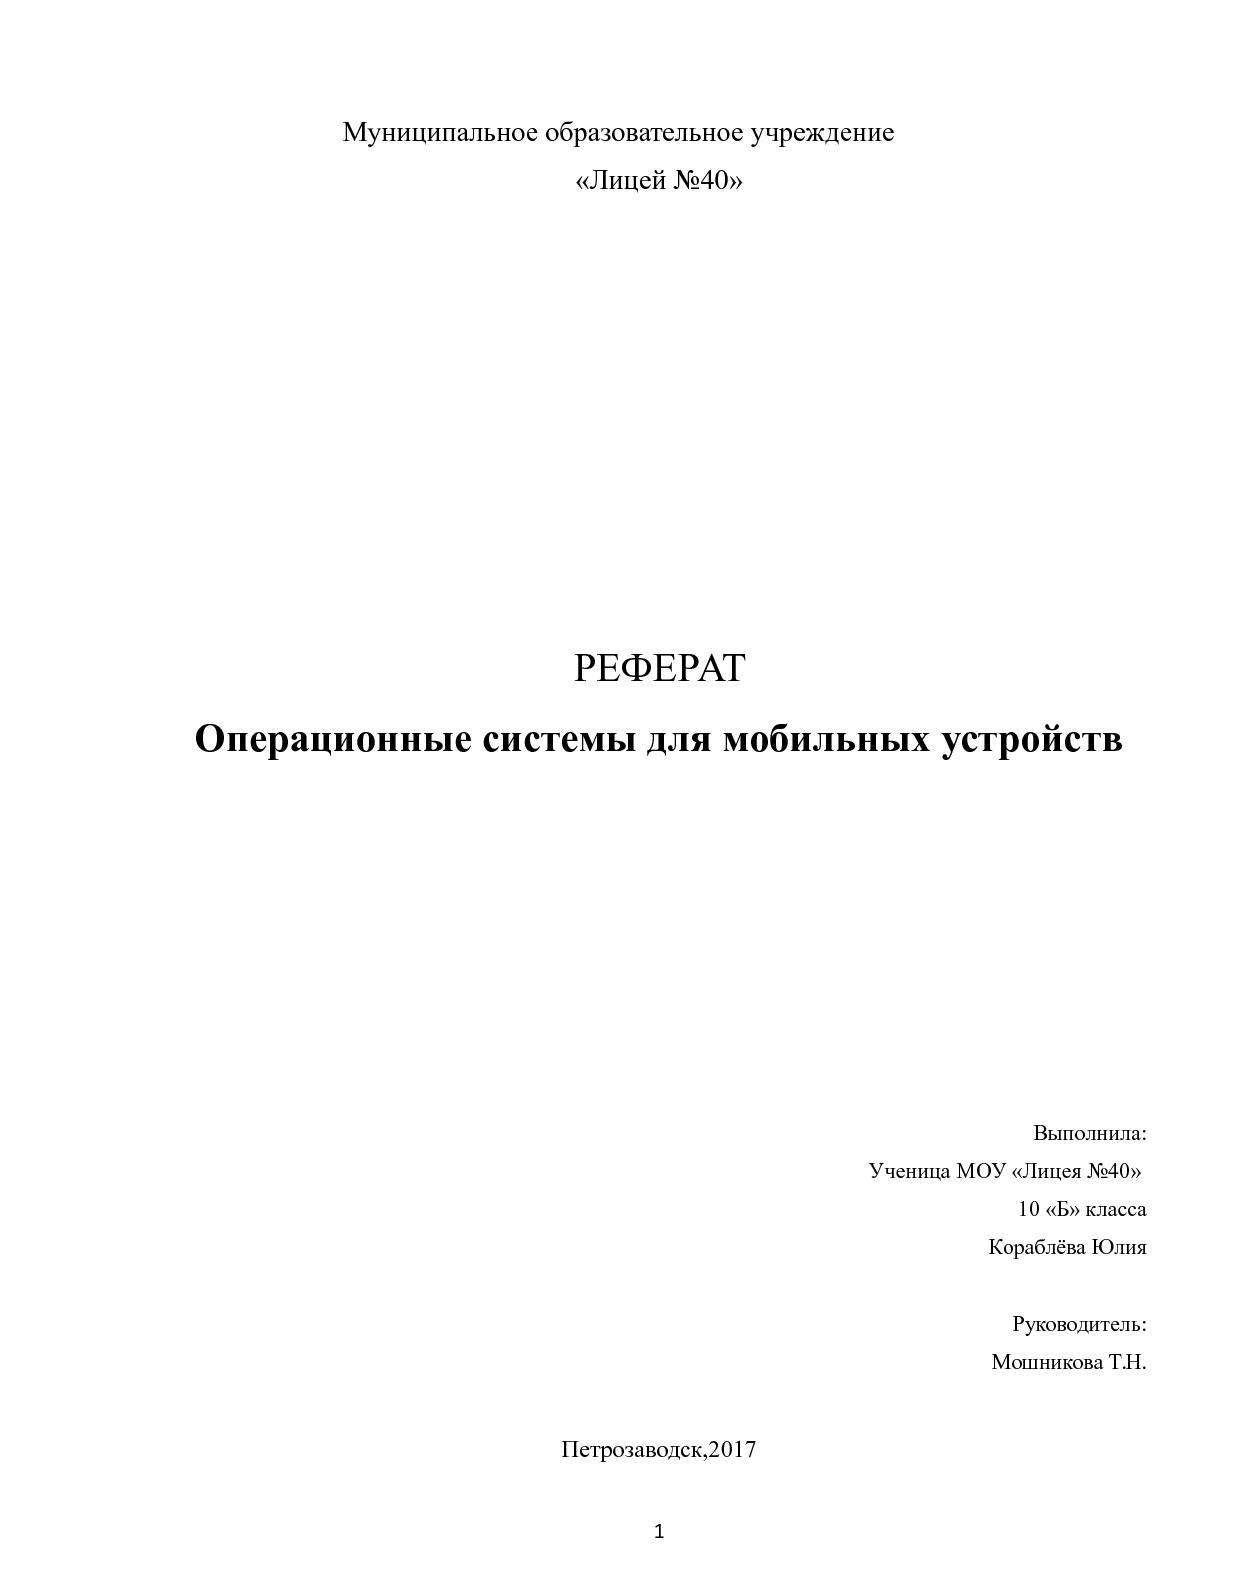 Реферат операционные системы для телефонов 3681